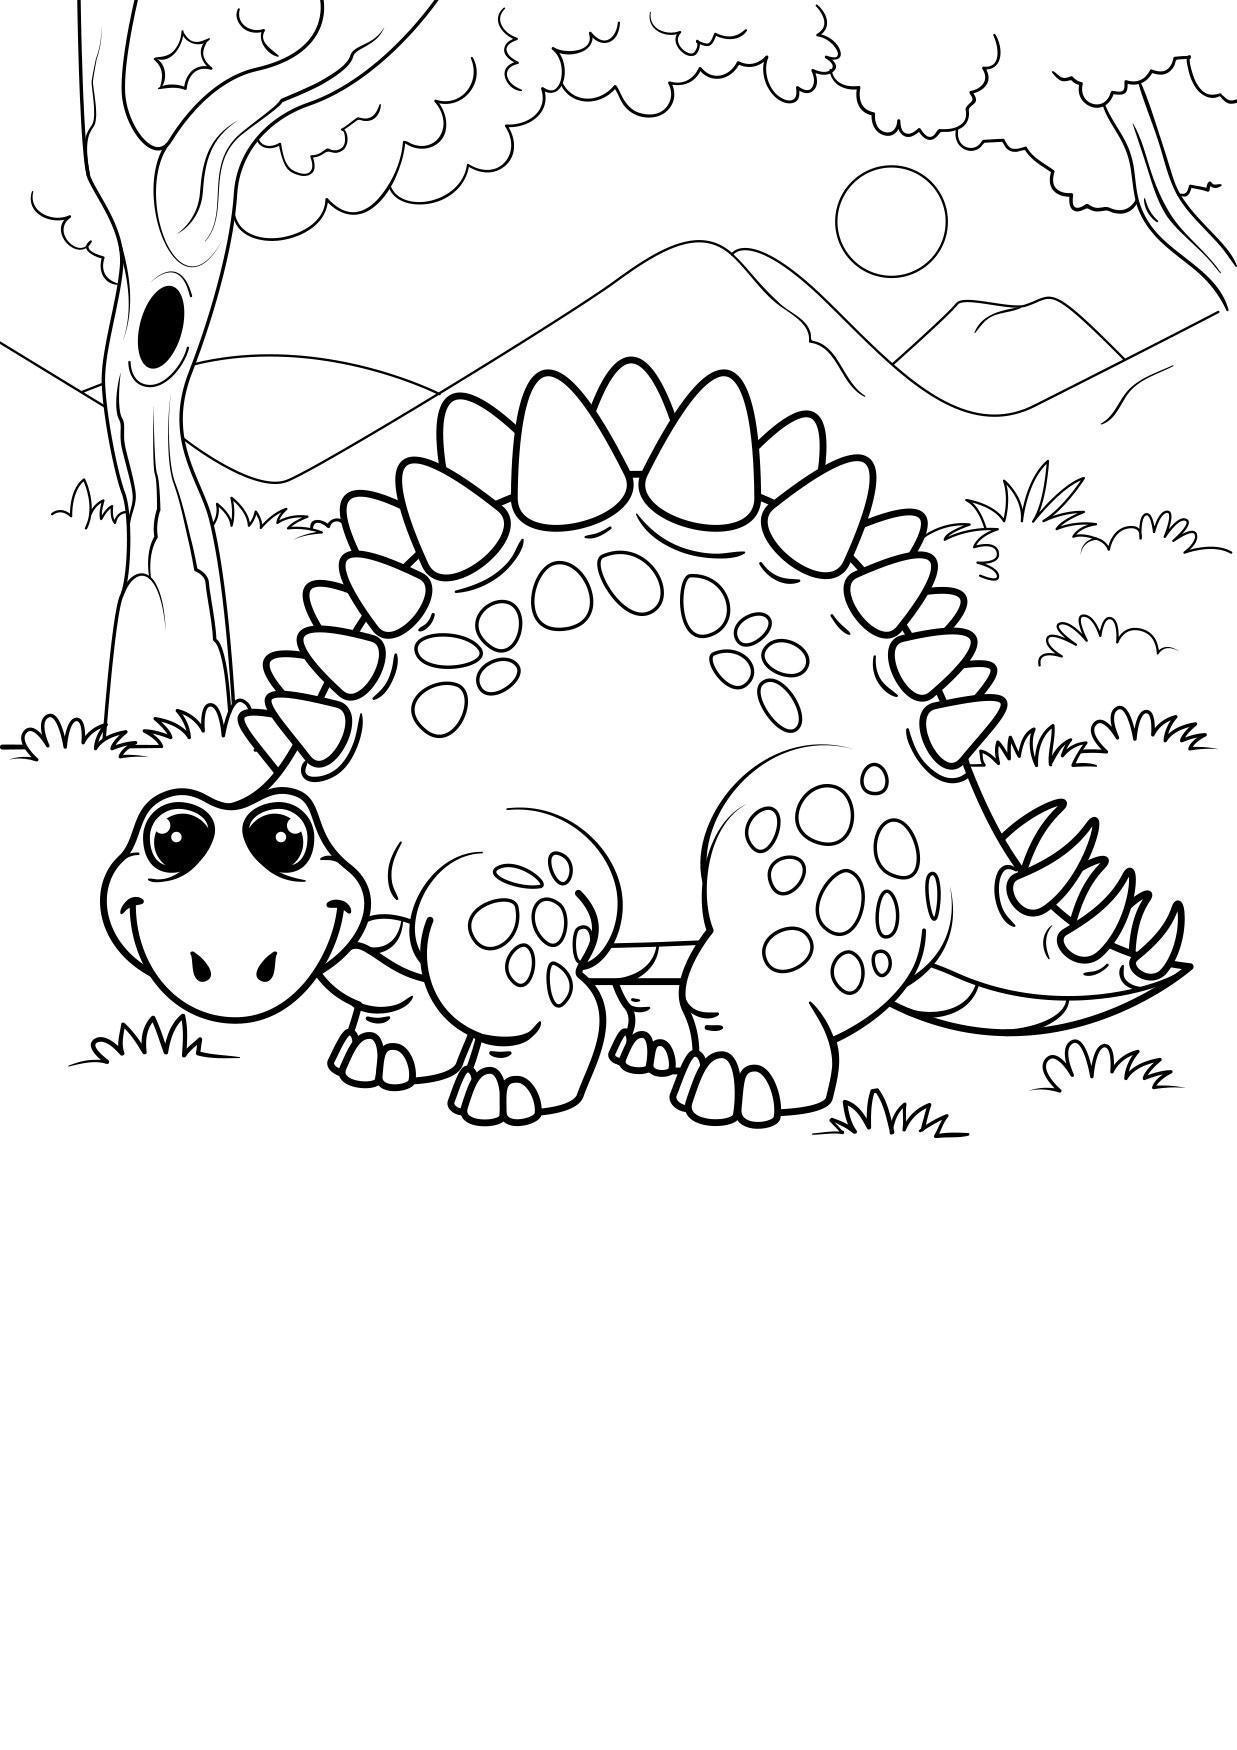 Malvorlage Dinosaurier im Wald - Kostenlose Ausmalbilder